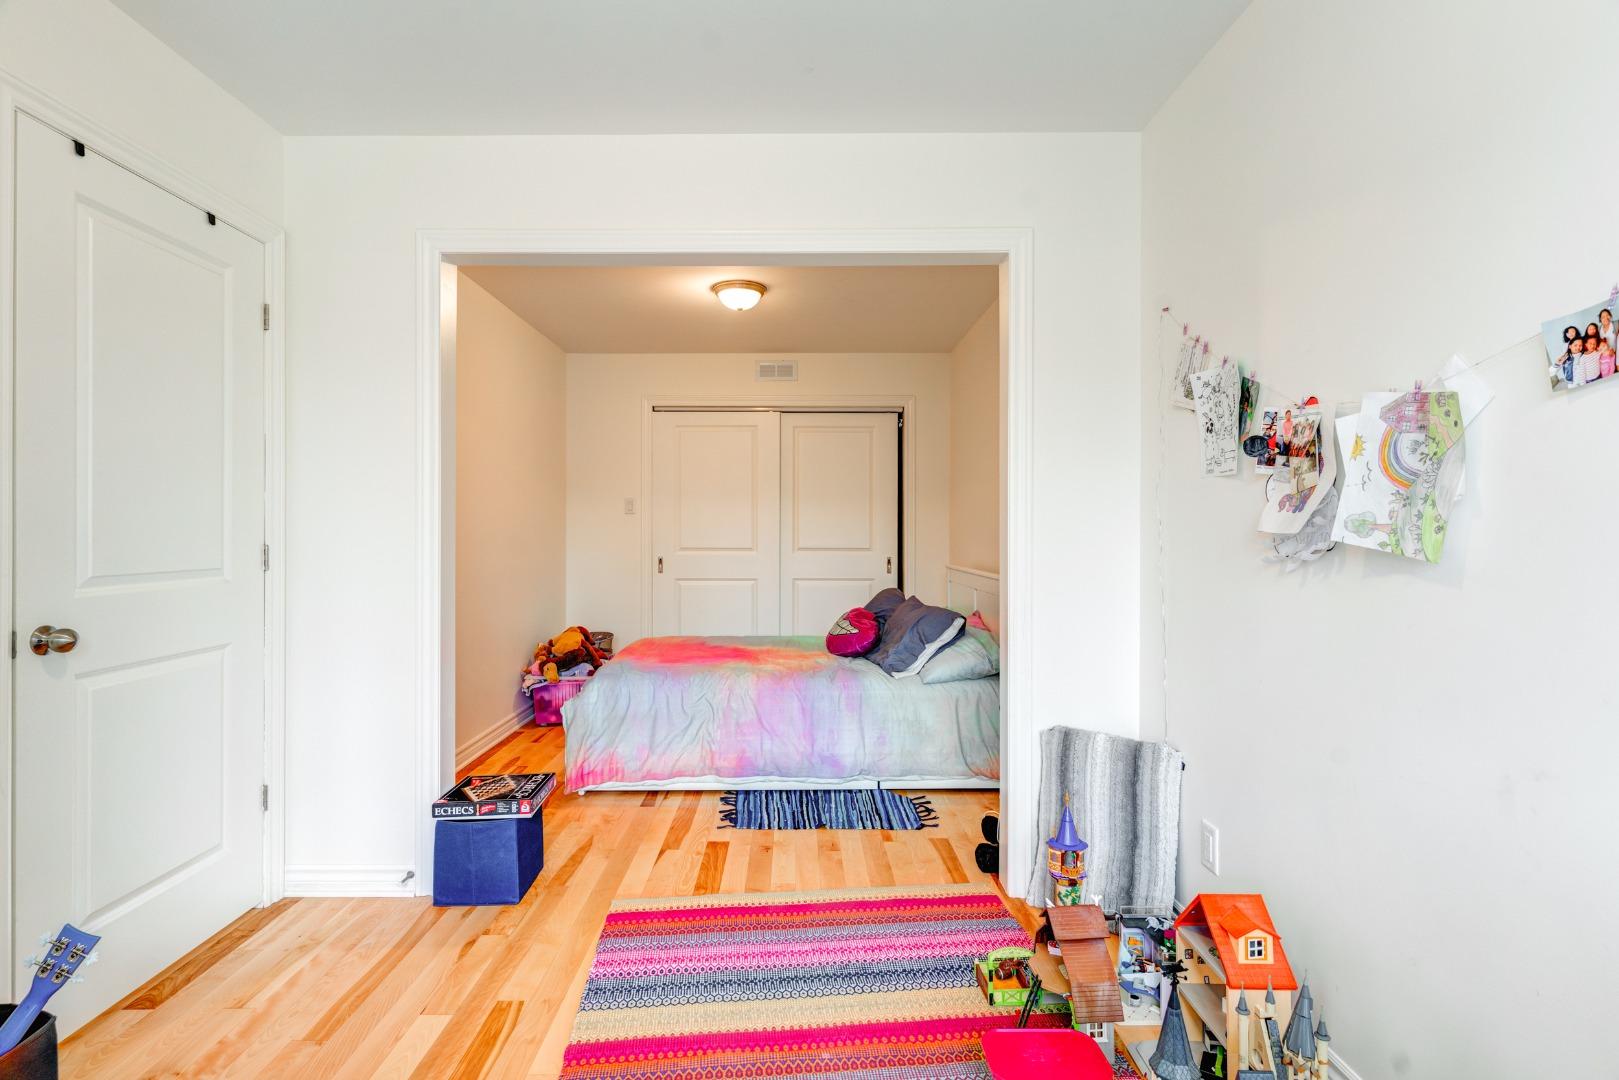 immophoto_-_Appartement_-_7074_de_Lorimier_-_es-10.jpg